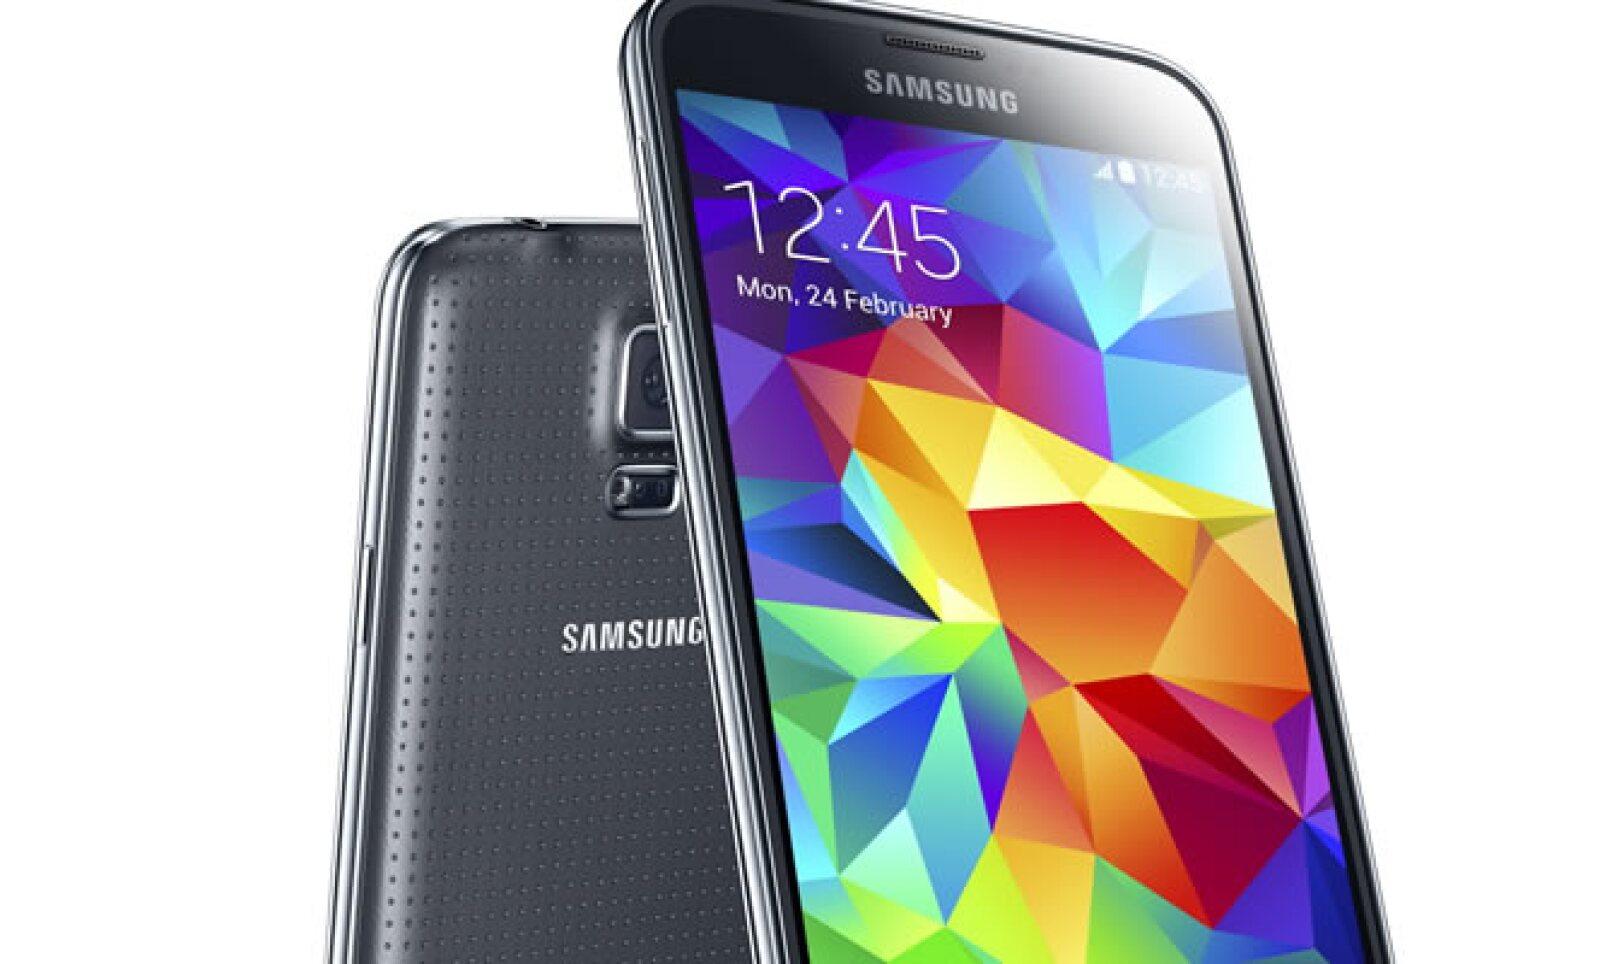 El celular pesa 145 gramos, y sus medidas son 14.2 centímetros de largo, por 7.2 de ancho y 0.8 de grosor.